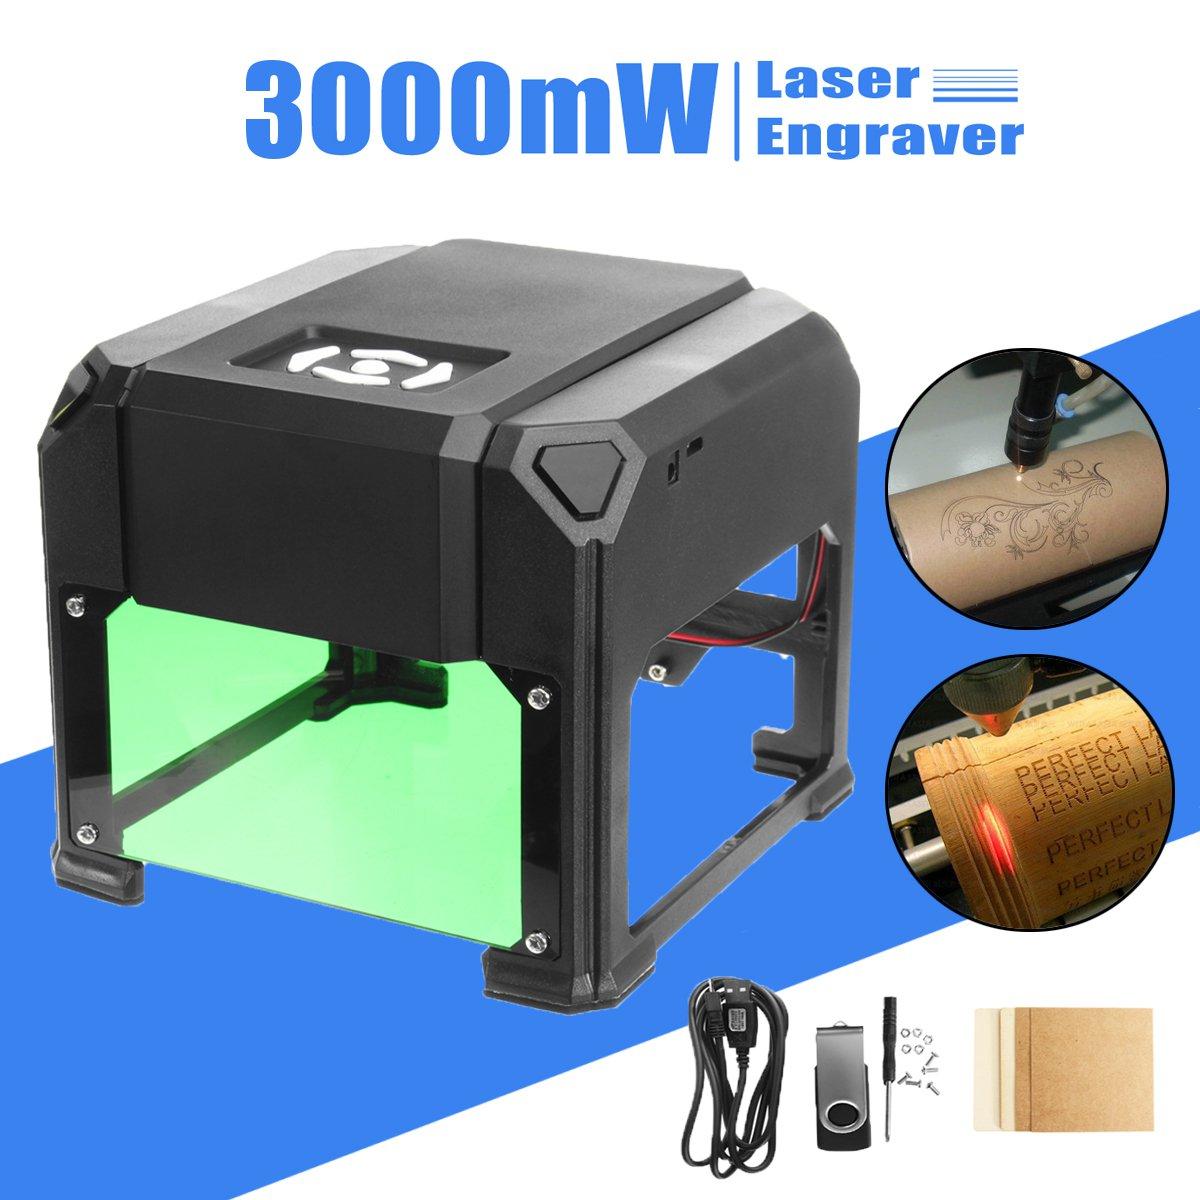 Mini USB 3000mW maszyna do grawerowania laserowego cnc 110V220V DIY Home grawer pulpit frezarka do drewna/frez/drukarka do systemu WIN/Mac OS